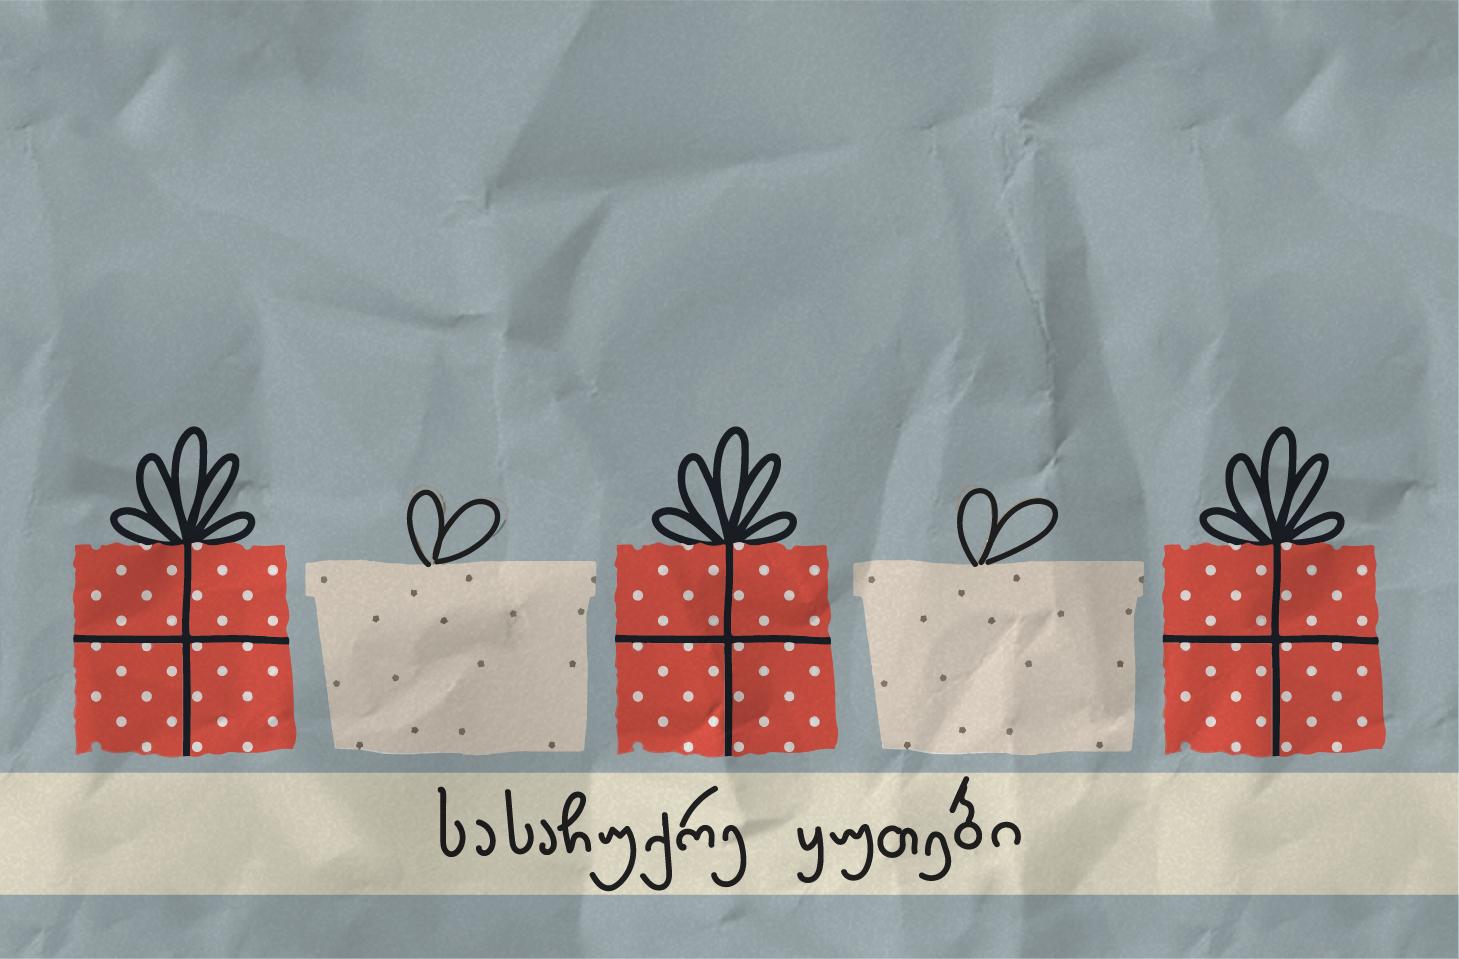 სასაჩუქრე ყუთები